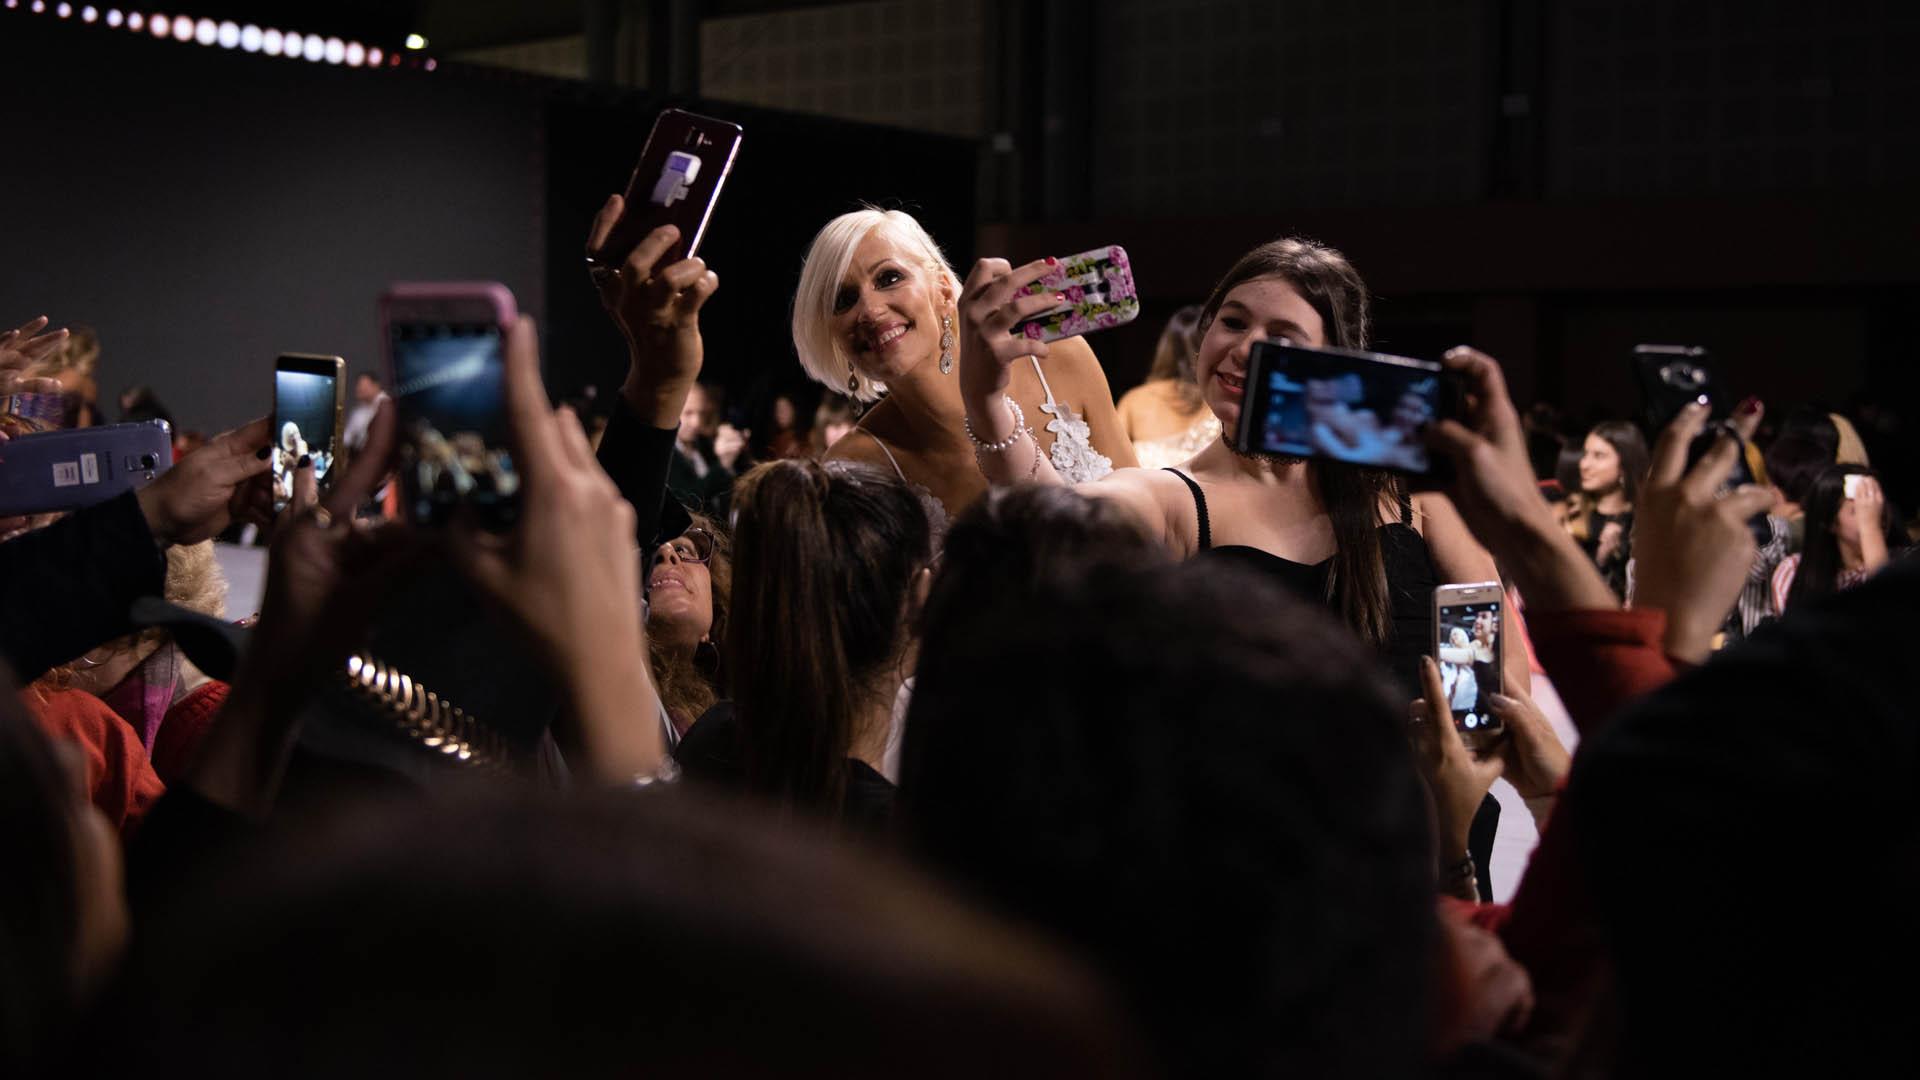 En el cierre de la velada mágica la supermodelo aprovechó para fotografiarse con los fanáticos presentes